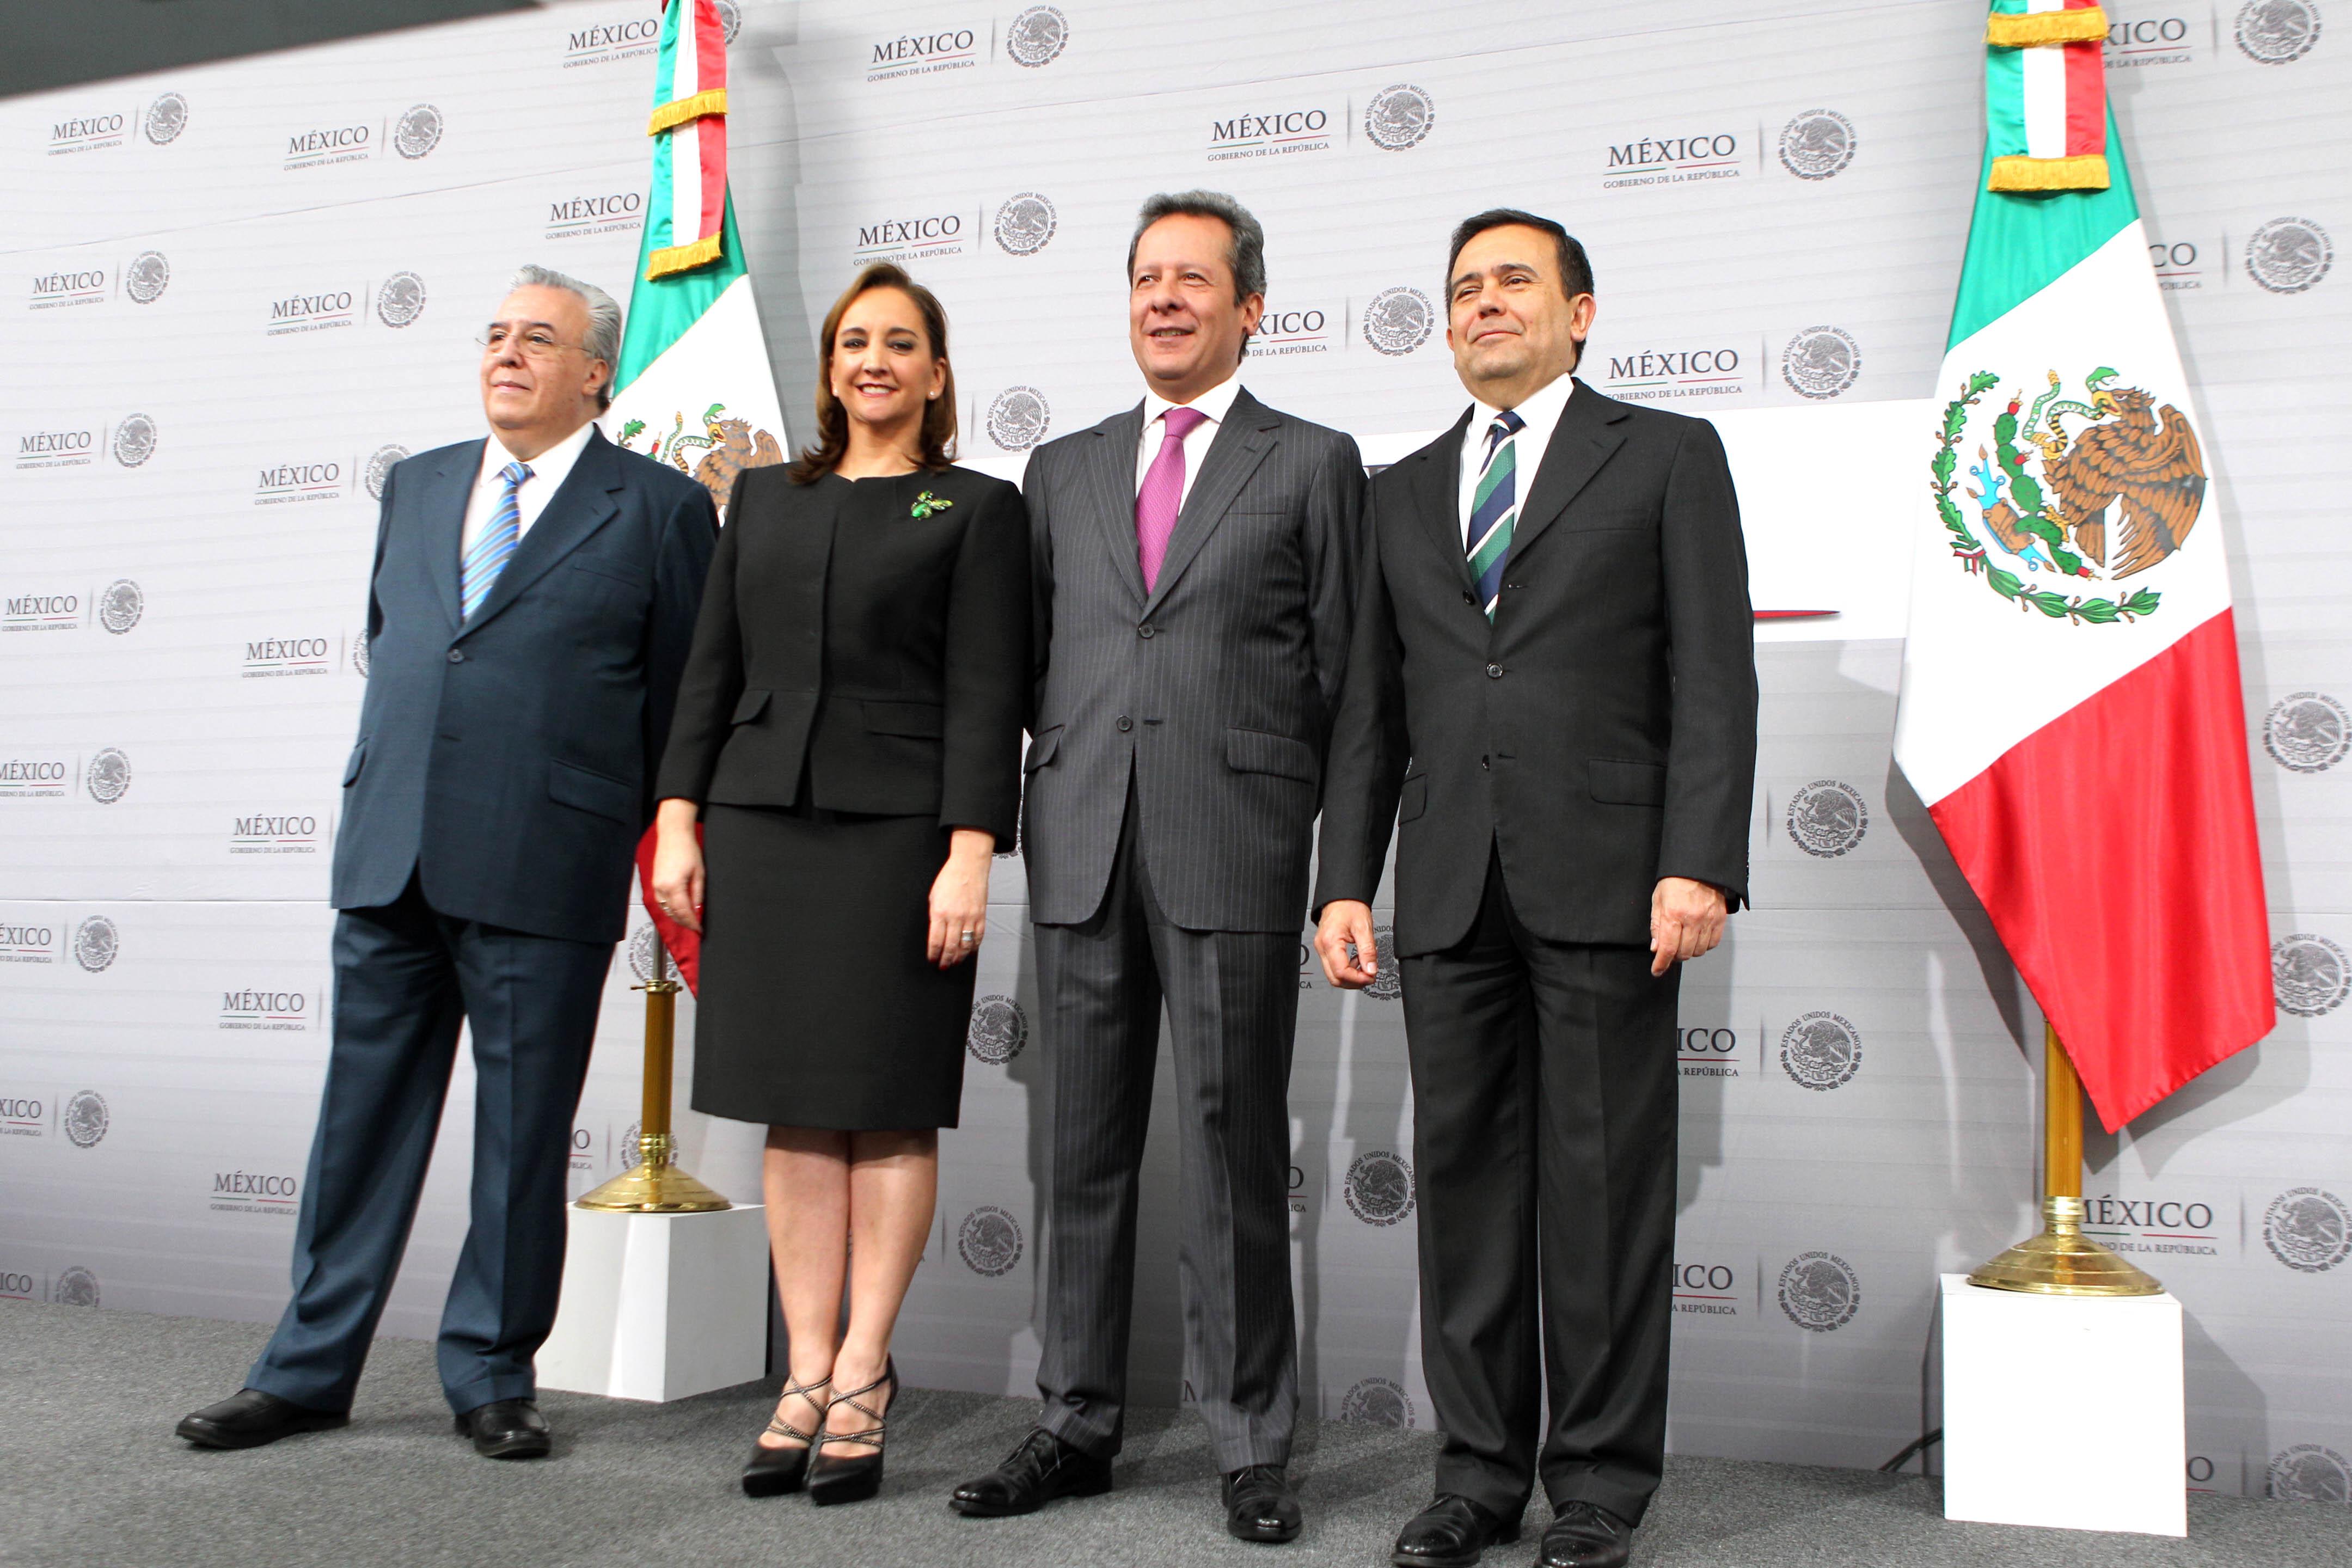 FOTO 1 Roberto Calleja  Claudia Ruiz Massieu  Eduardo S nchez e Ildefonso Guajardo.jpg